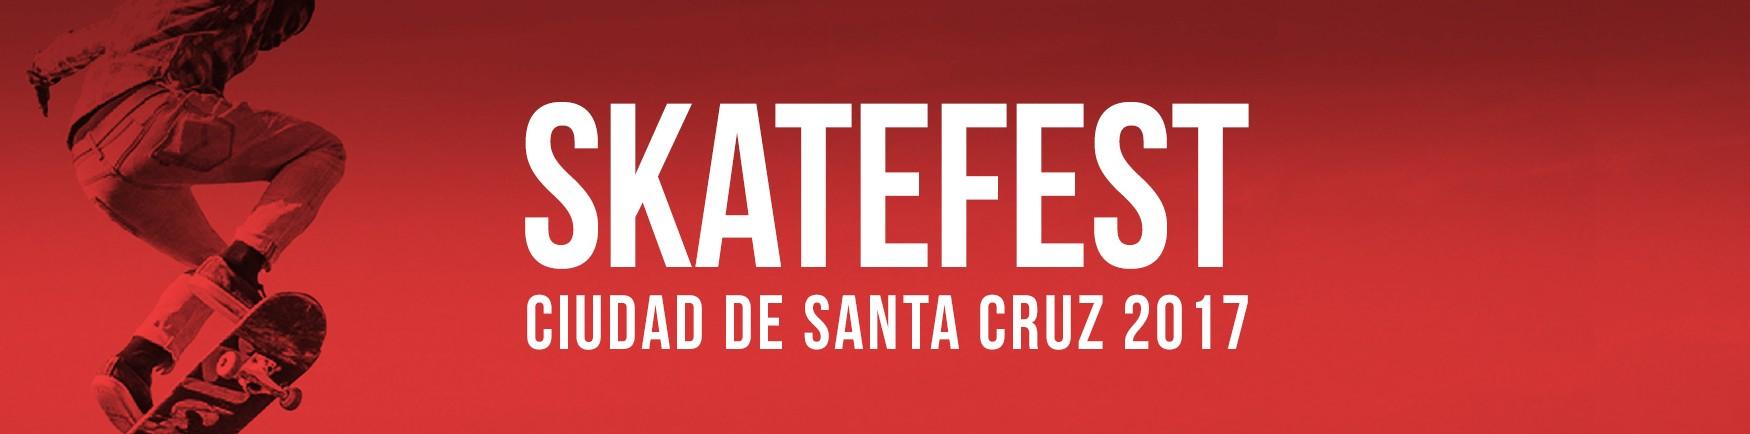 SKATEFEST CIUDAD DE SANTA CRUZ 2017